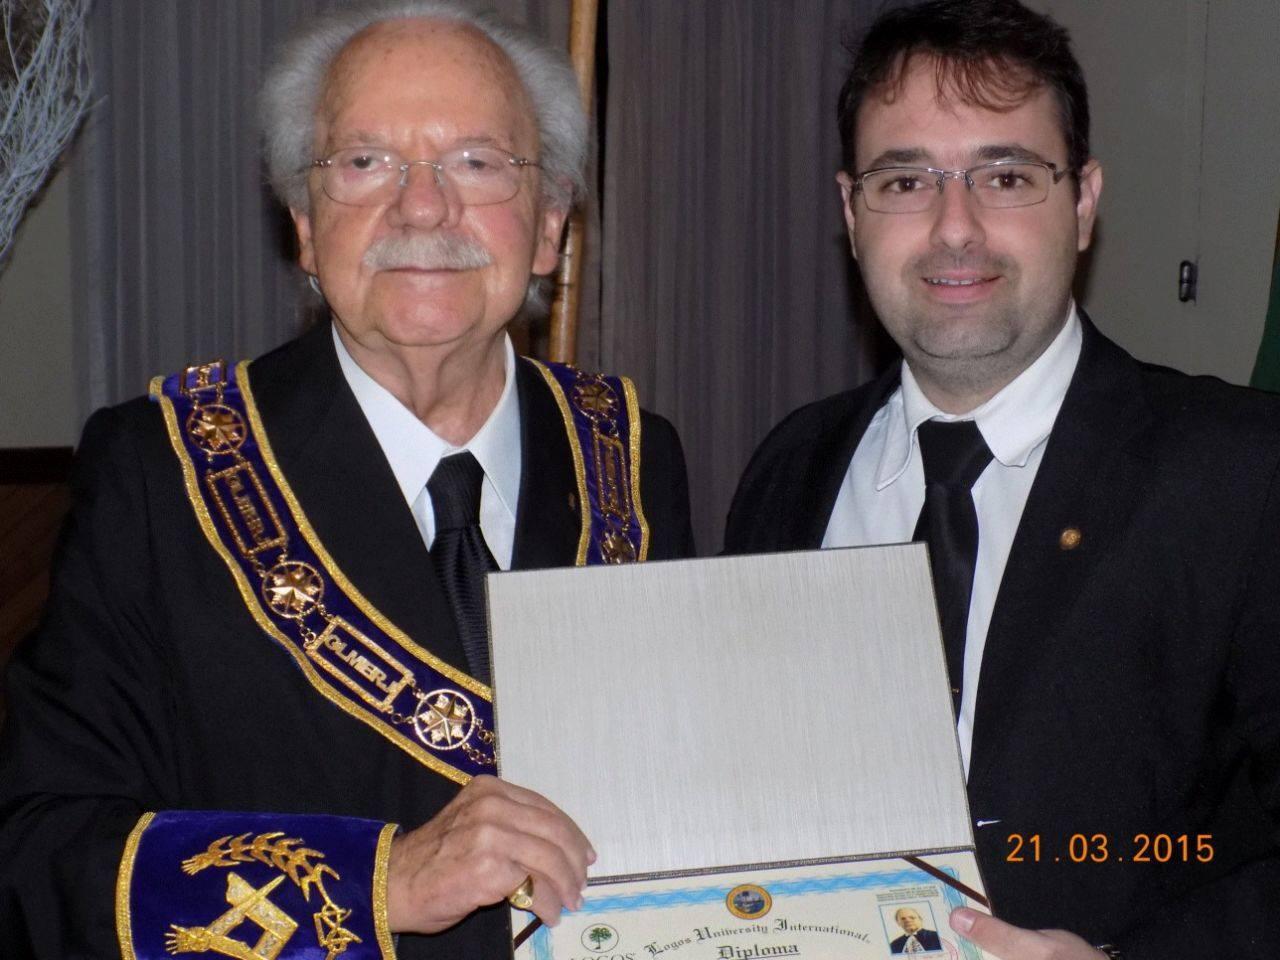 Dr Waldemar